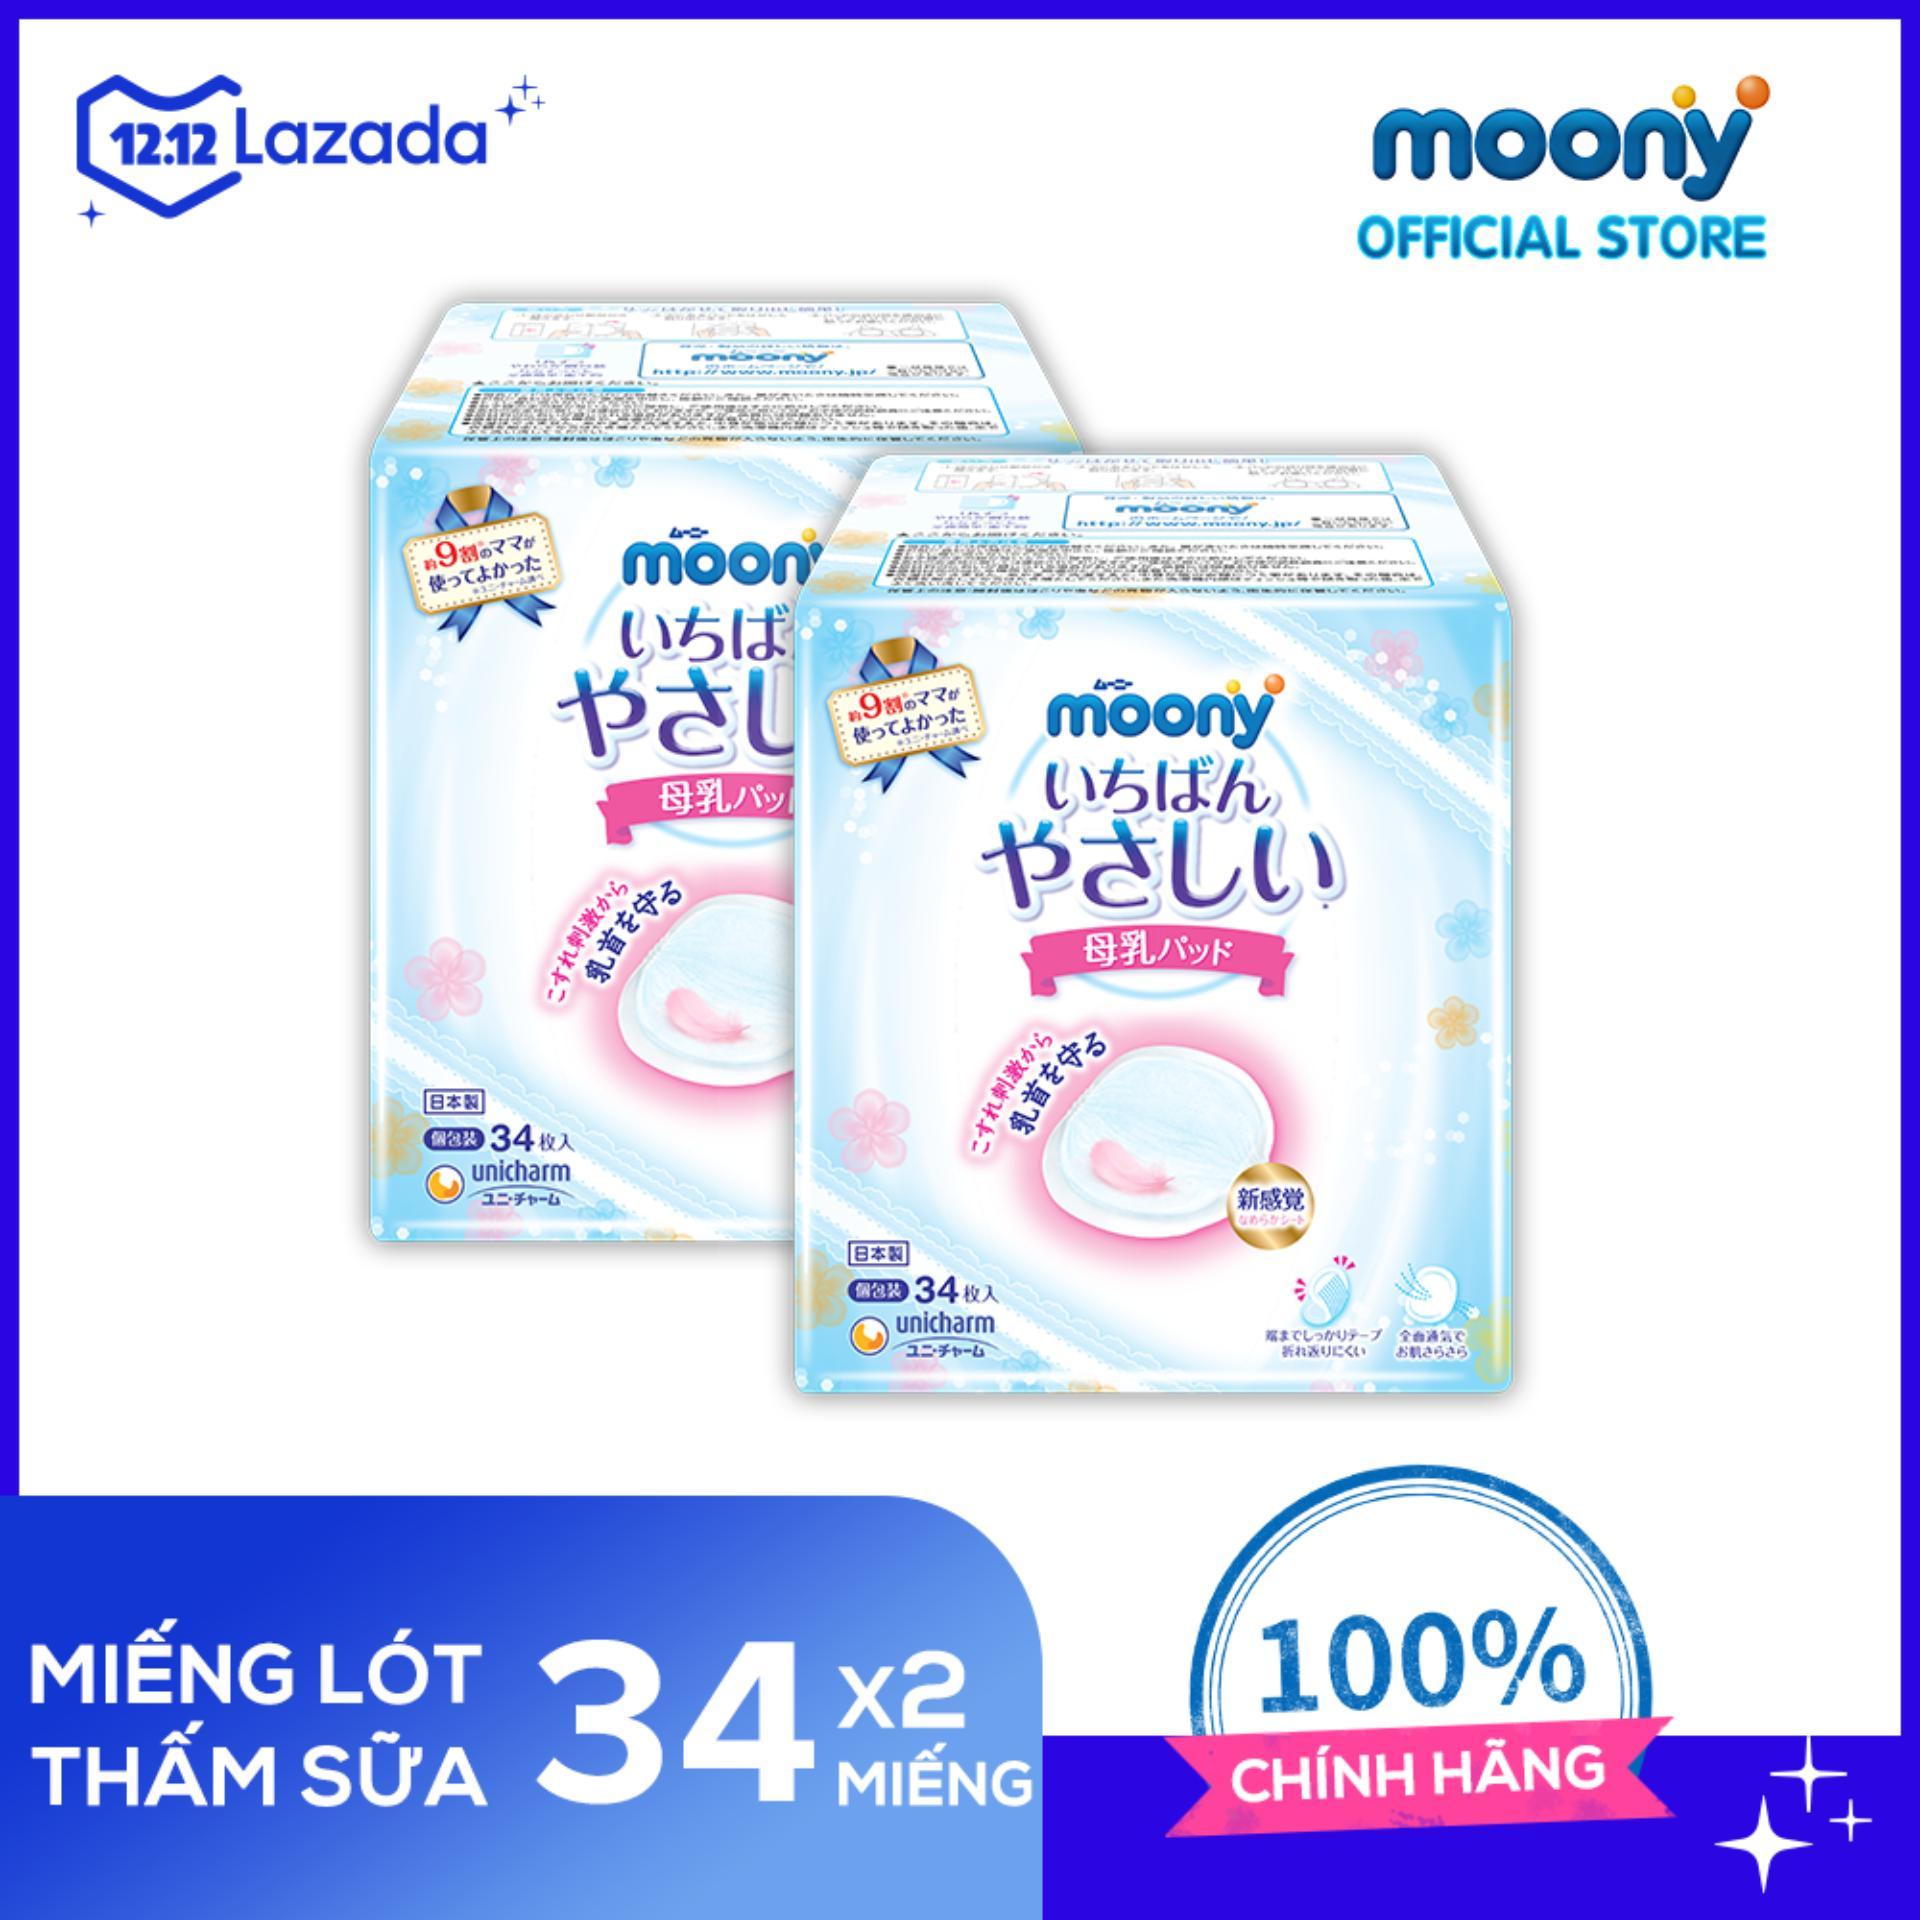 Bộ 2 Hộp Miếng Lót Thấm Sữa Moony - 34 Miếng/hộp Giá Tốt Không Nên Bỏ Lỡ